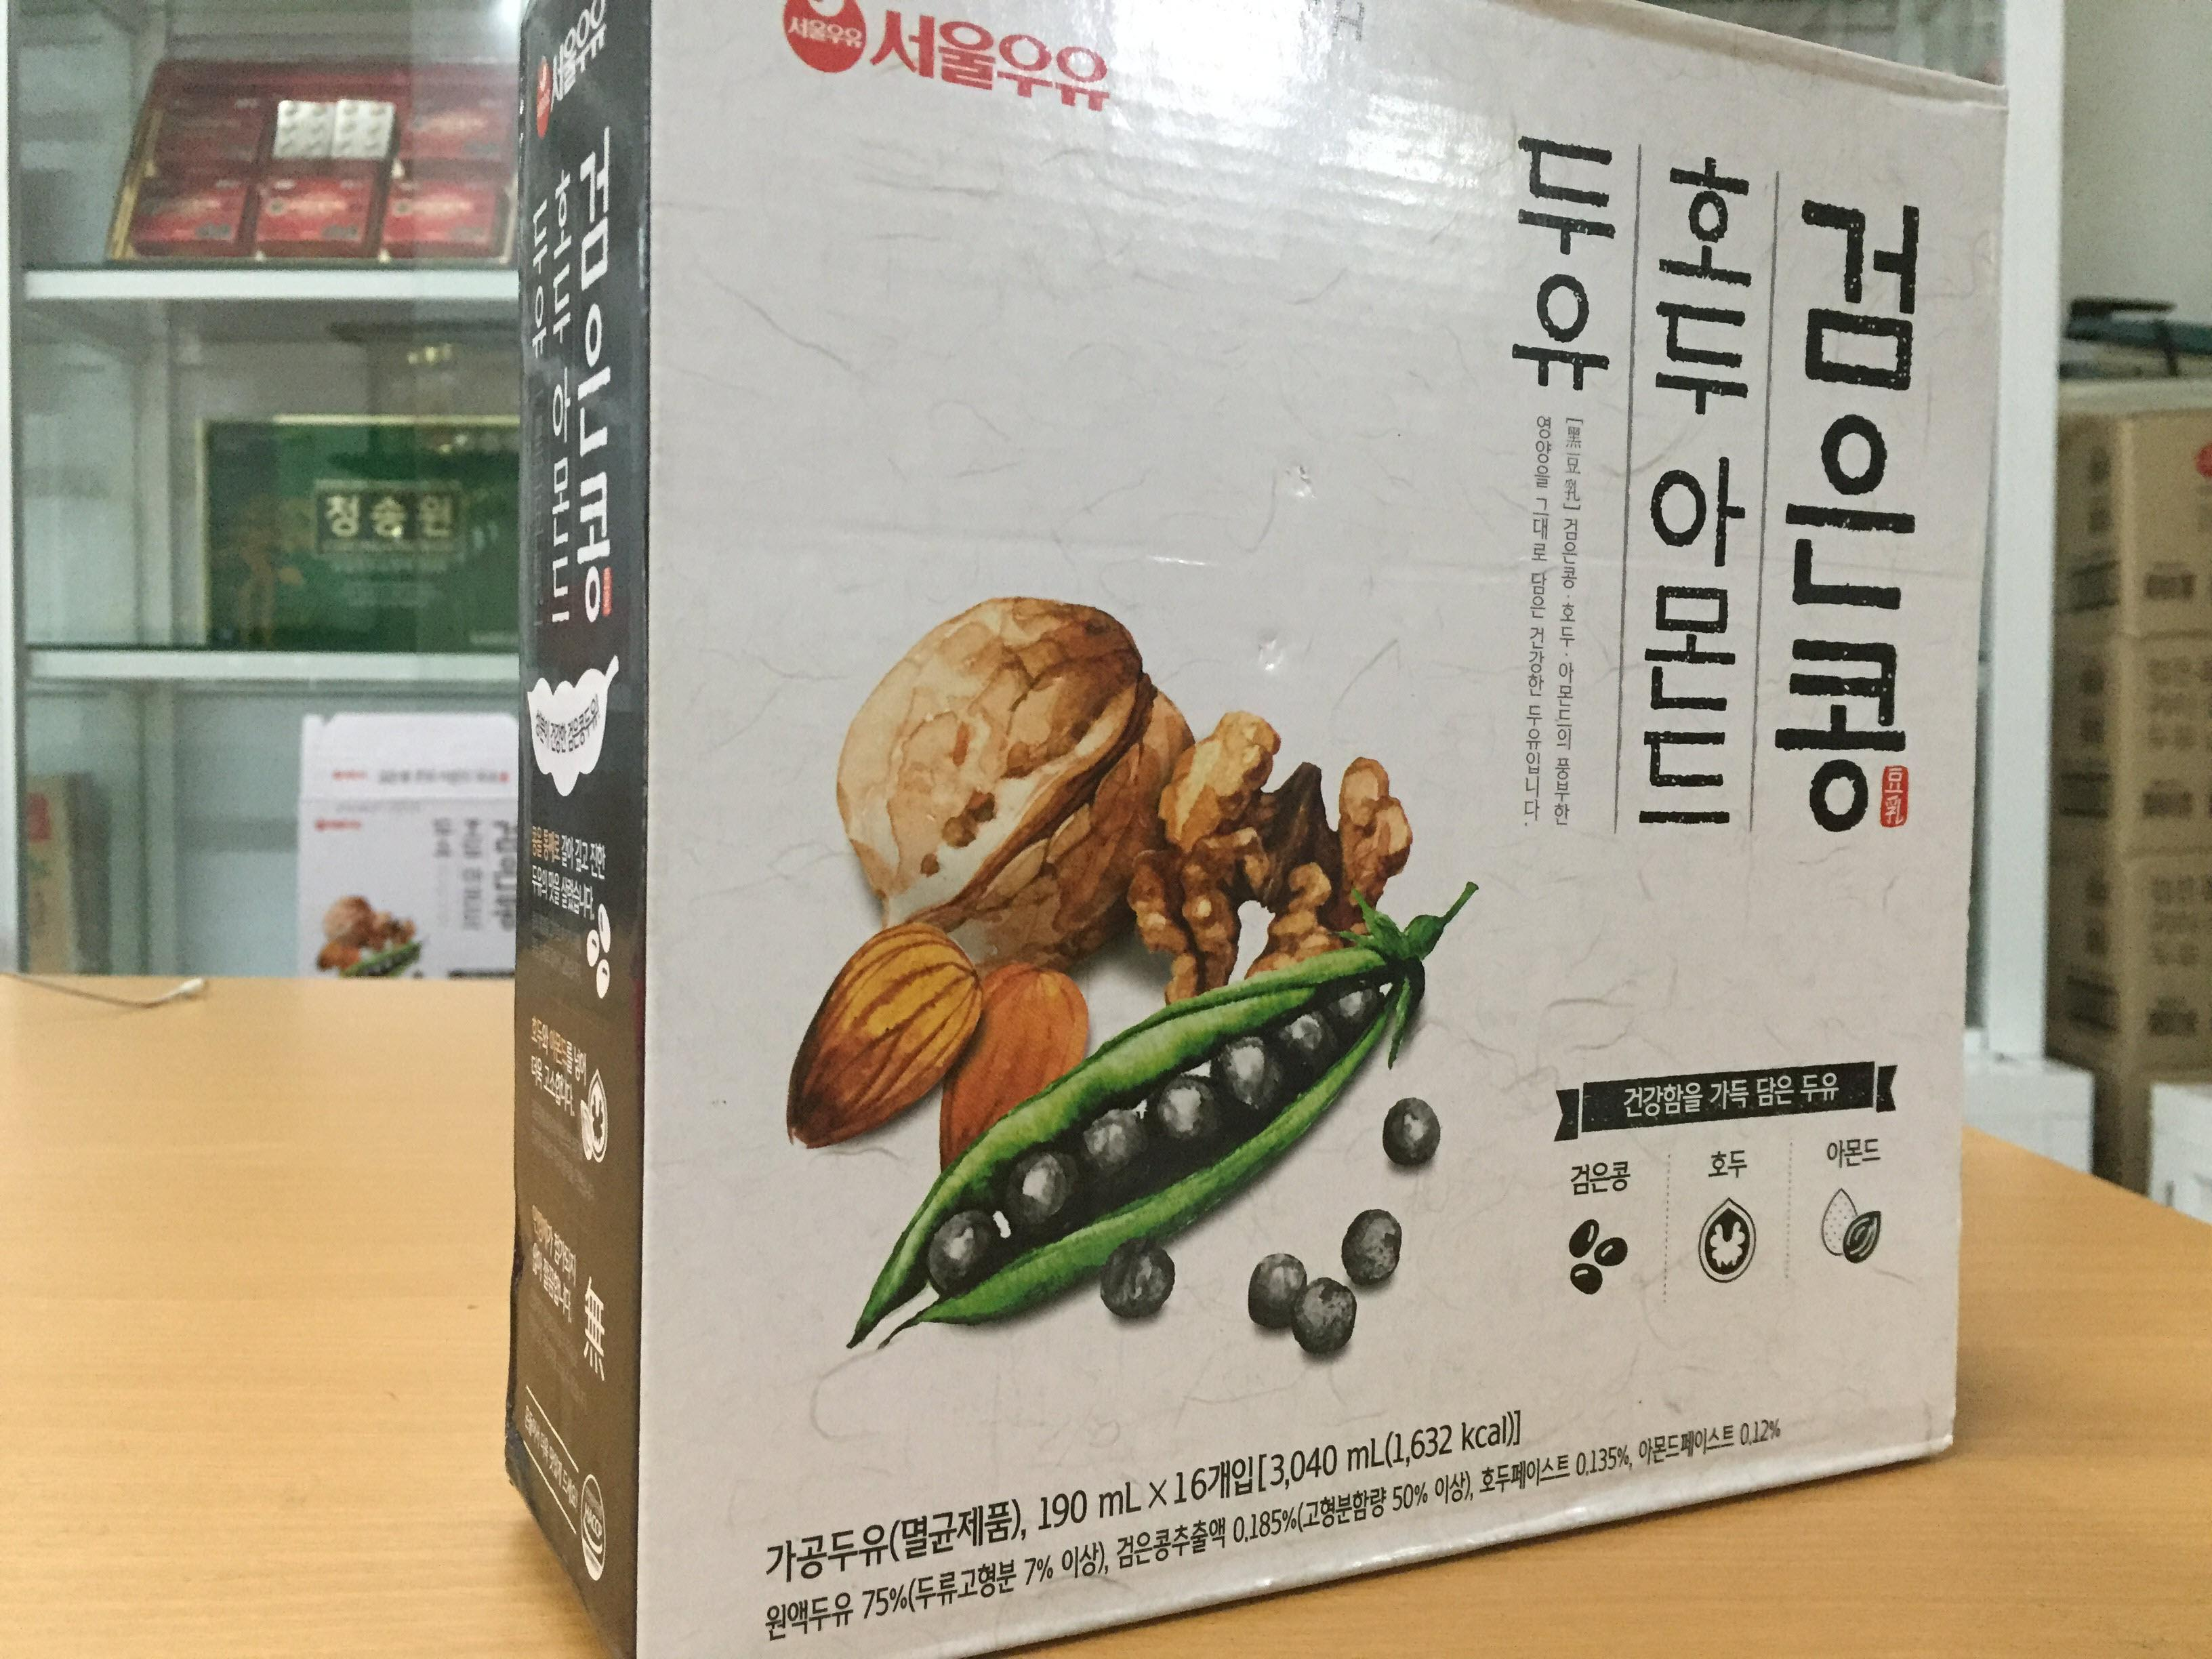 [Seoul Milk] - Sữa Hạt Óc Chó Hạnh Nhân 190ml (xách 16 hộp) - Sữa Hạt số 1 Hàn Quốc